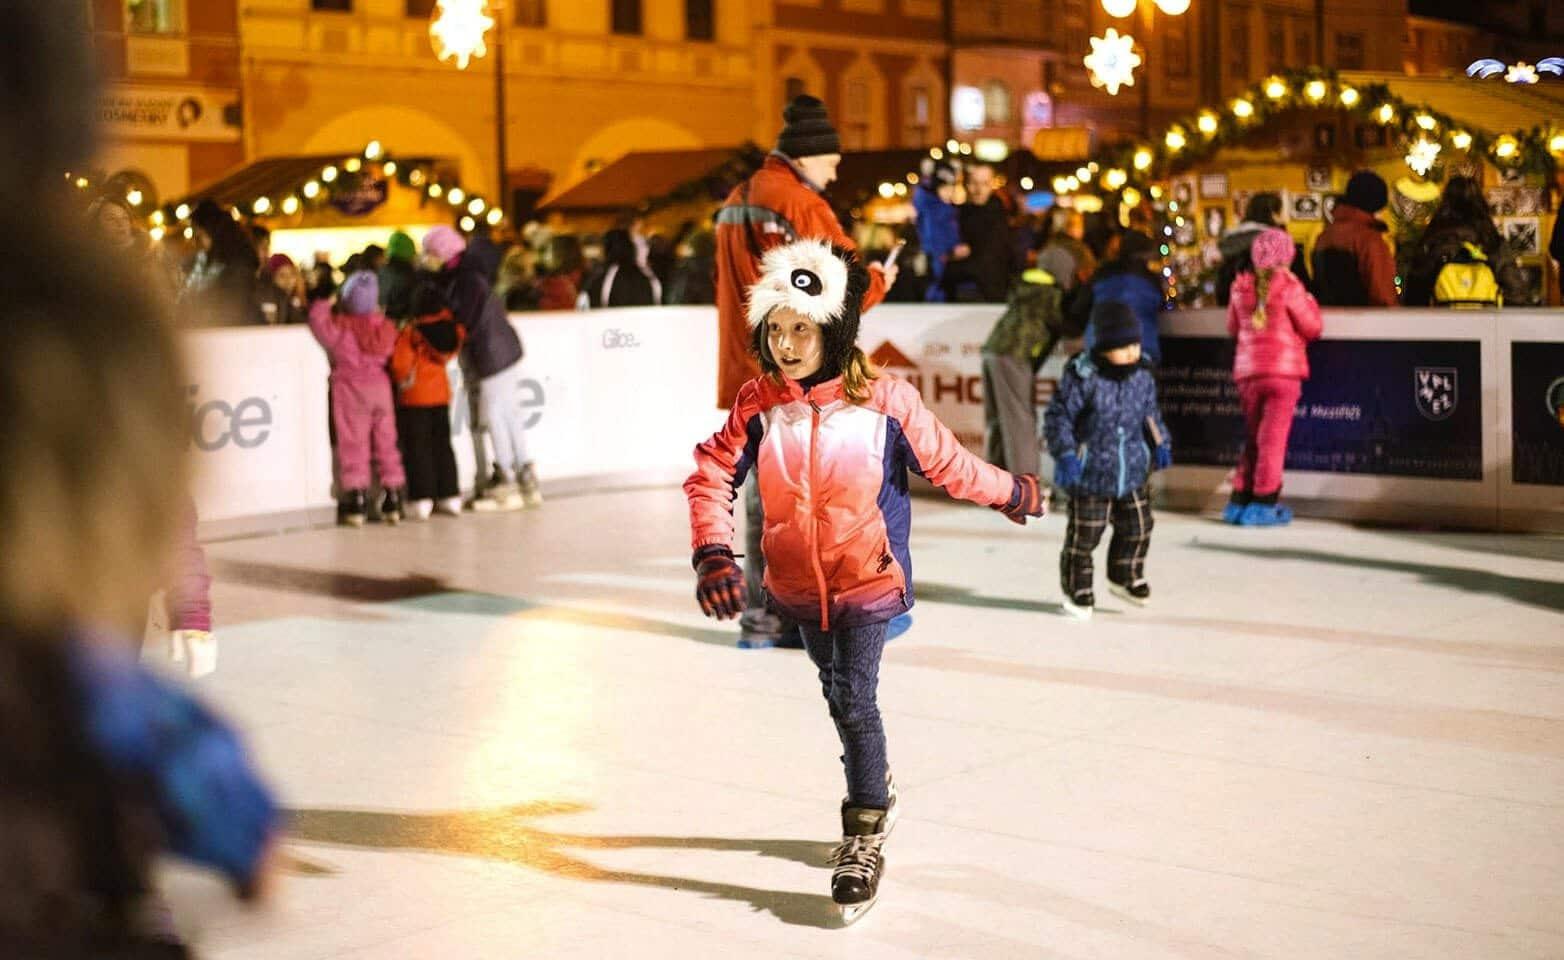 Girl skating on artificial Christmas rink